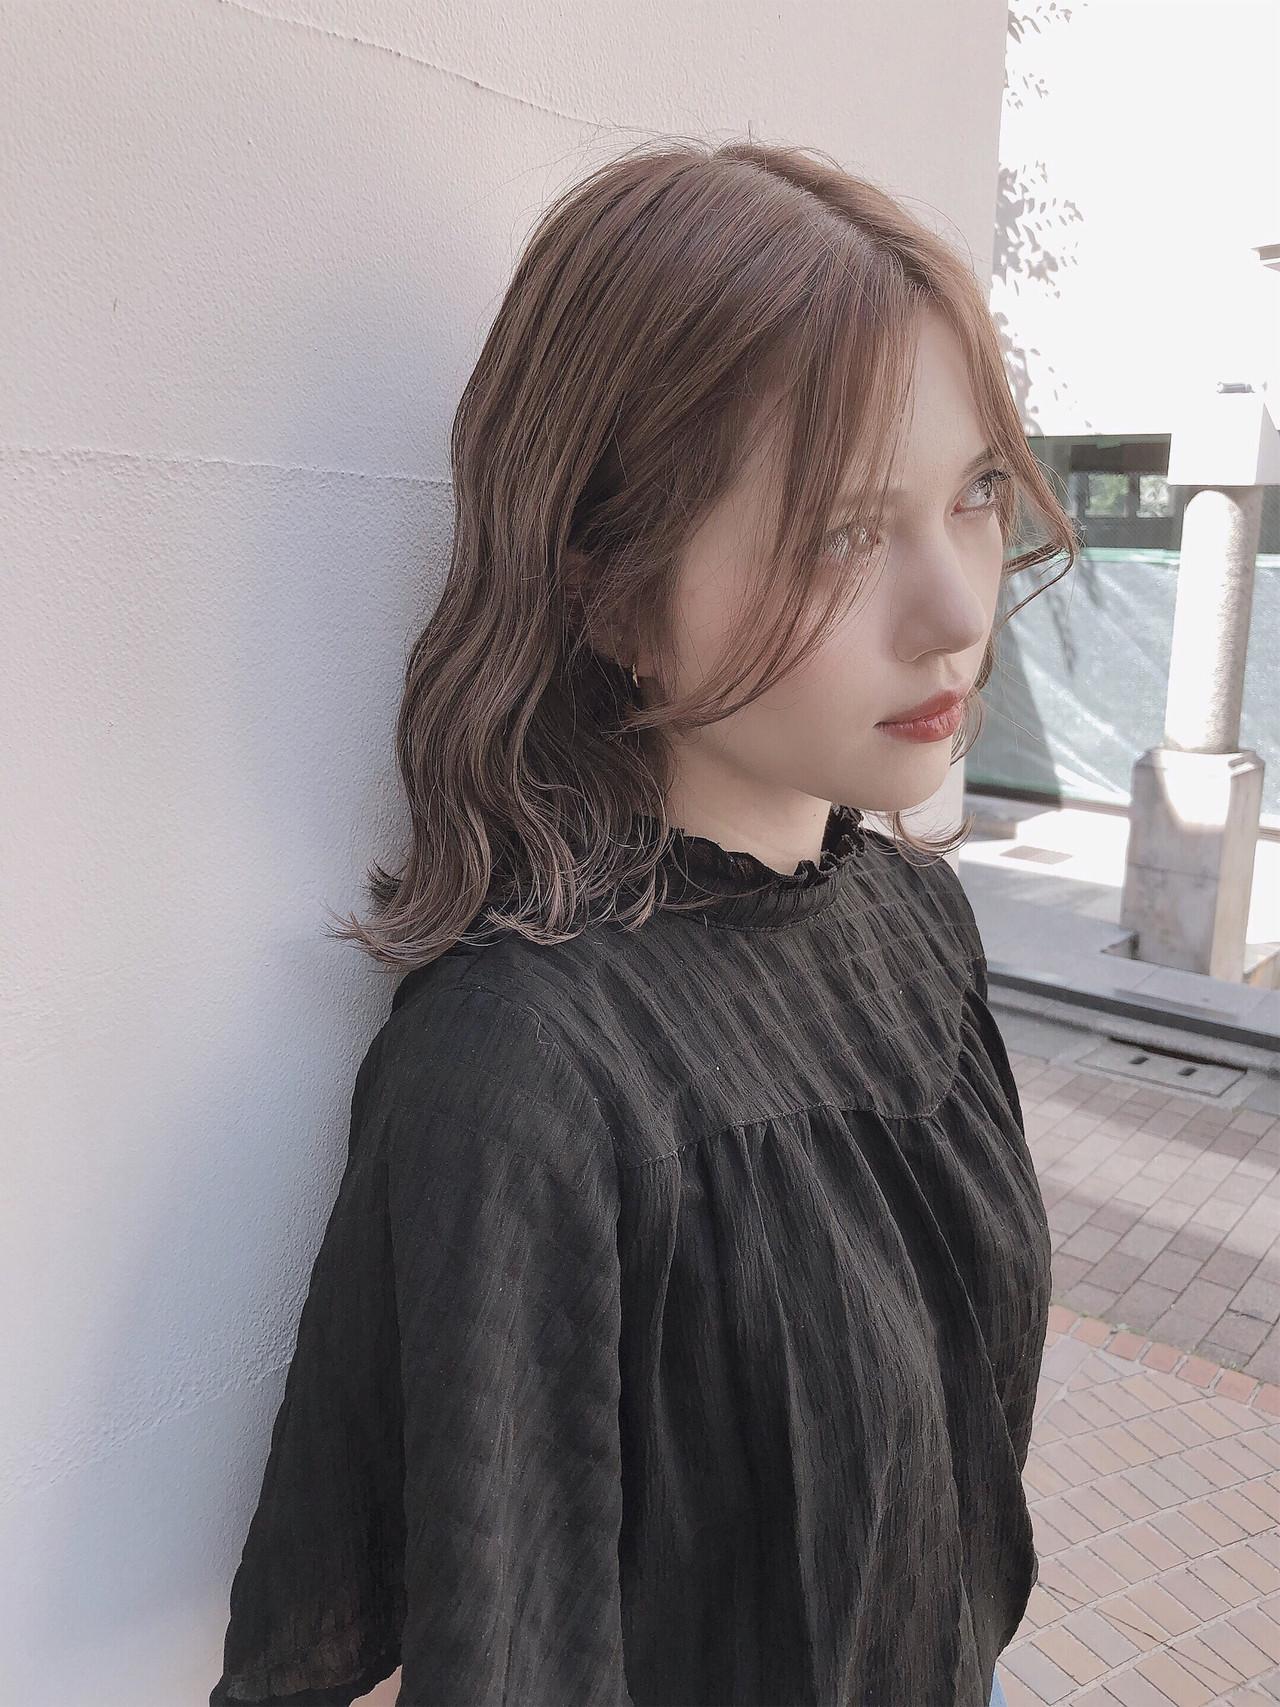 アッシュグレージュ ミルクティーベージュ ボブ オリーブベージュ ヘアスタイルや髪型の写真・画像 | 川端康平 / SHION 原宿